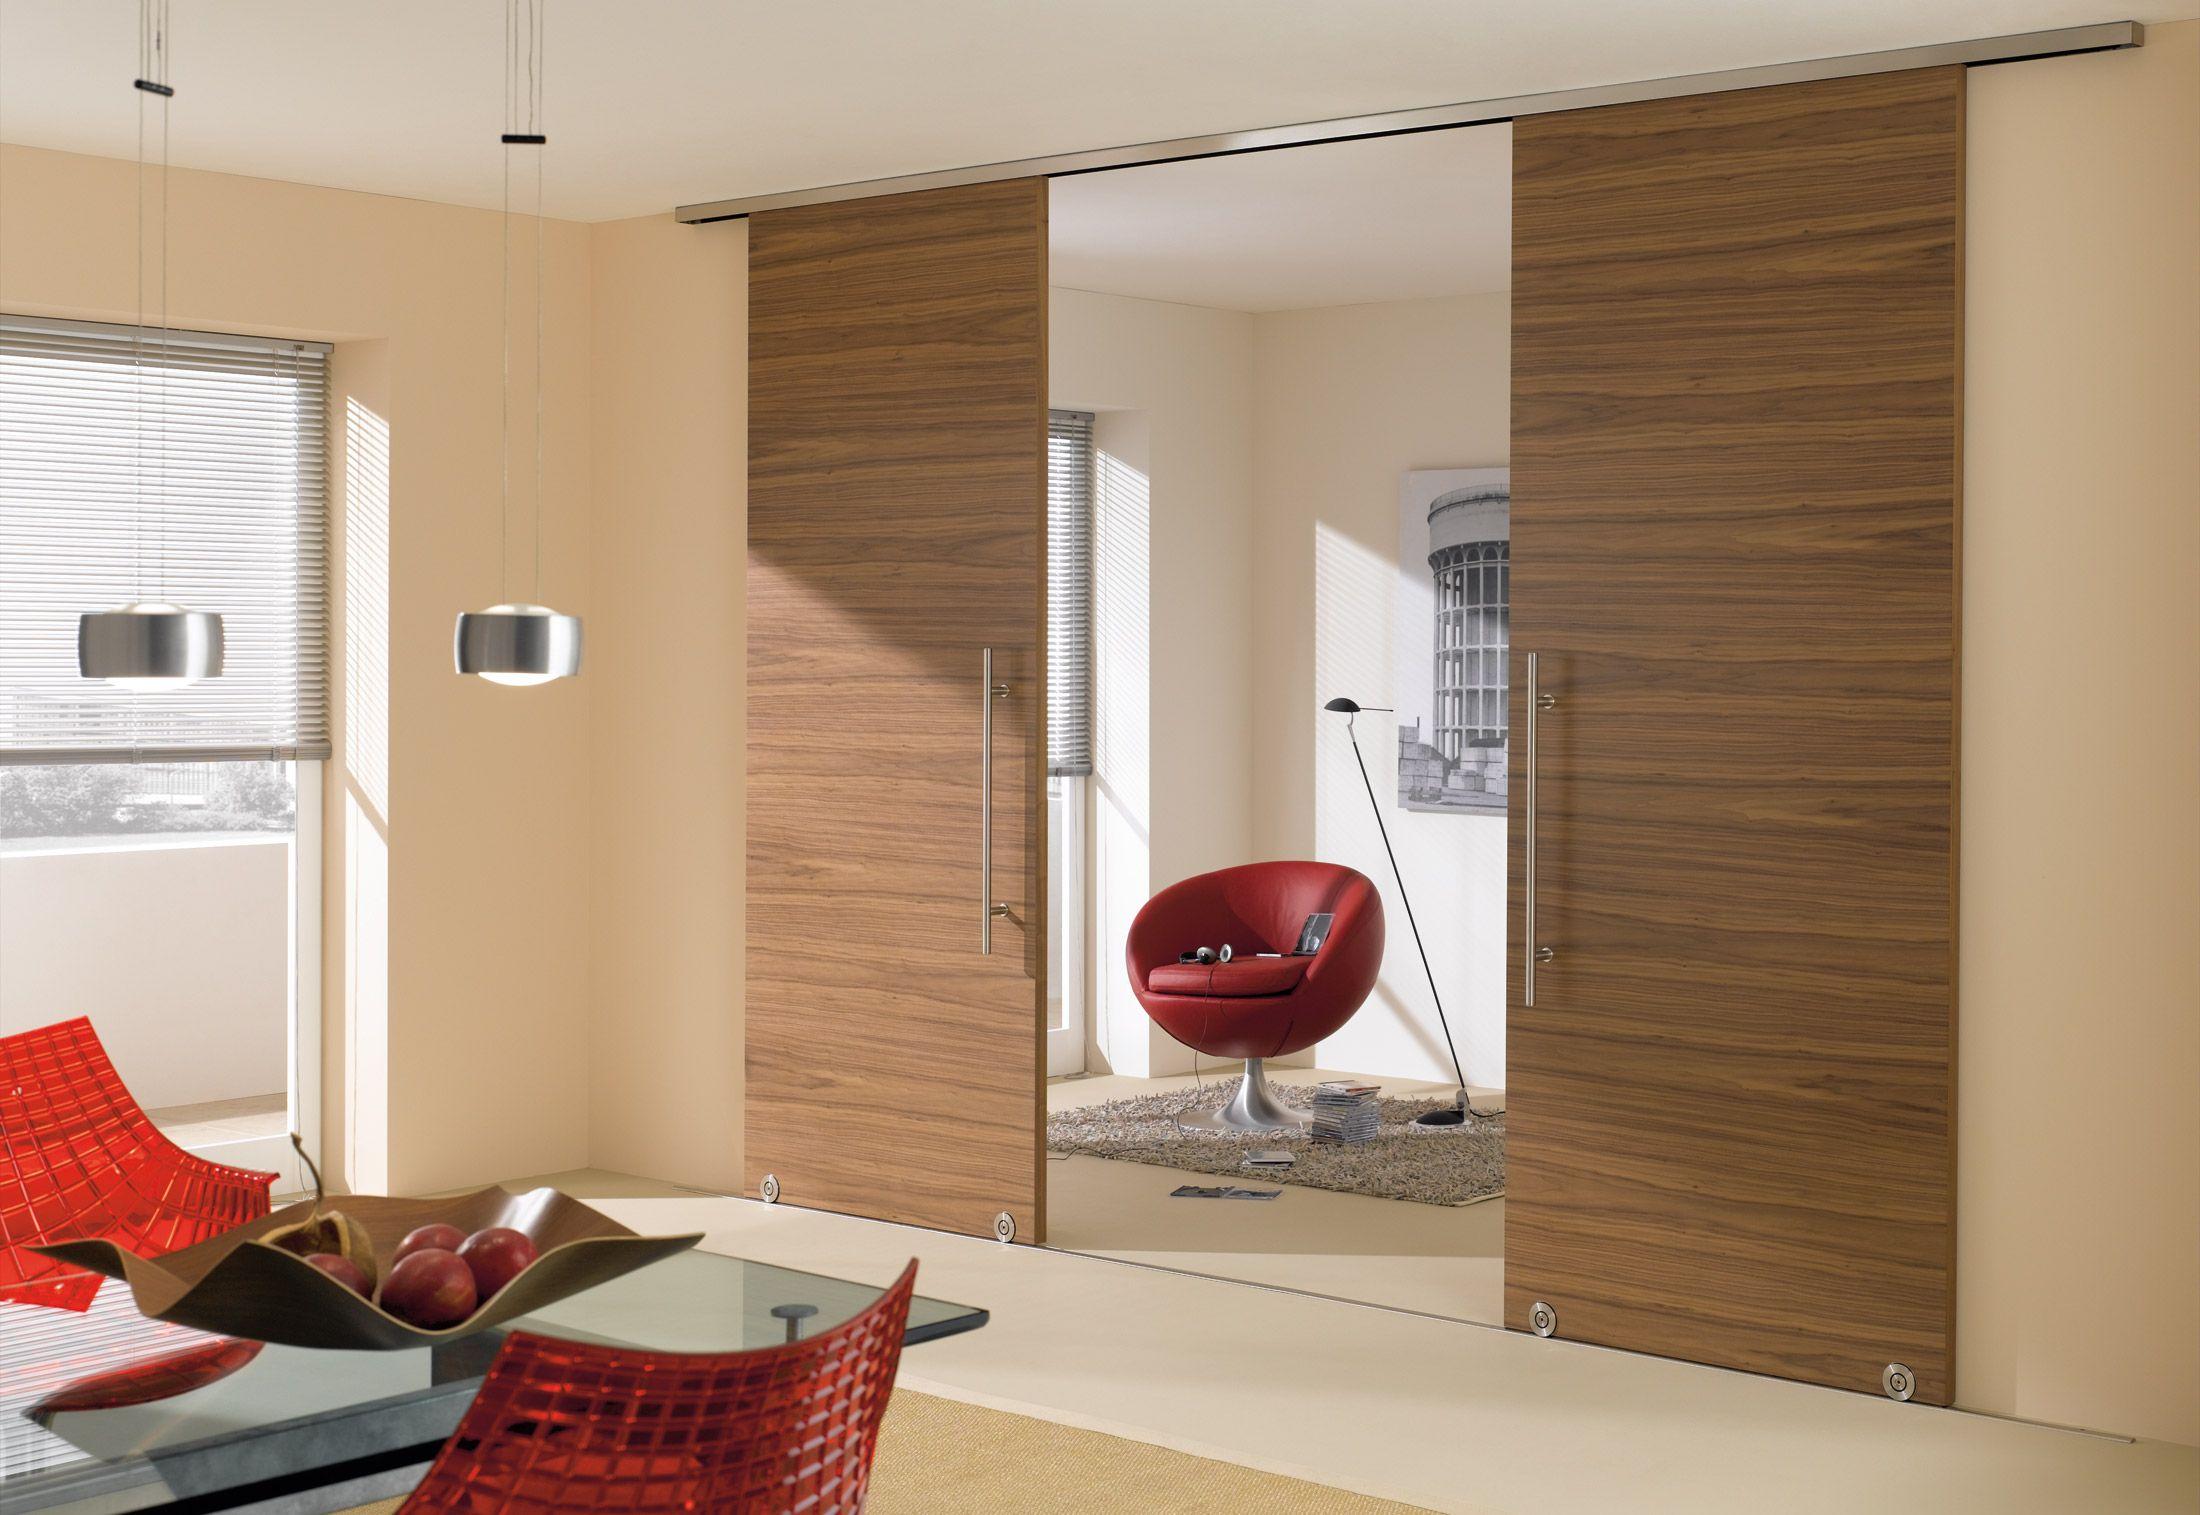 Terra Sliding Door System By Mwe Schiebestallturen Schiebetur